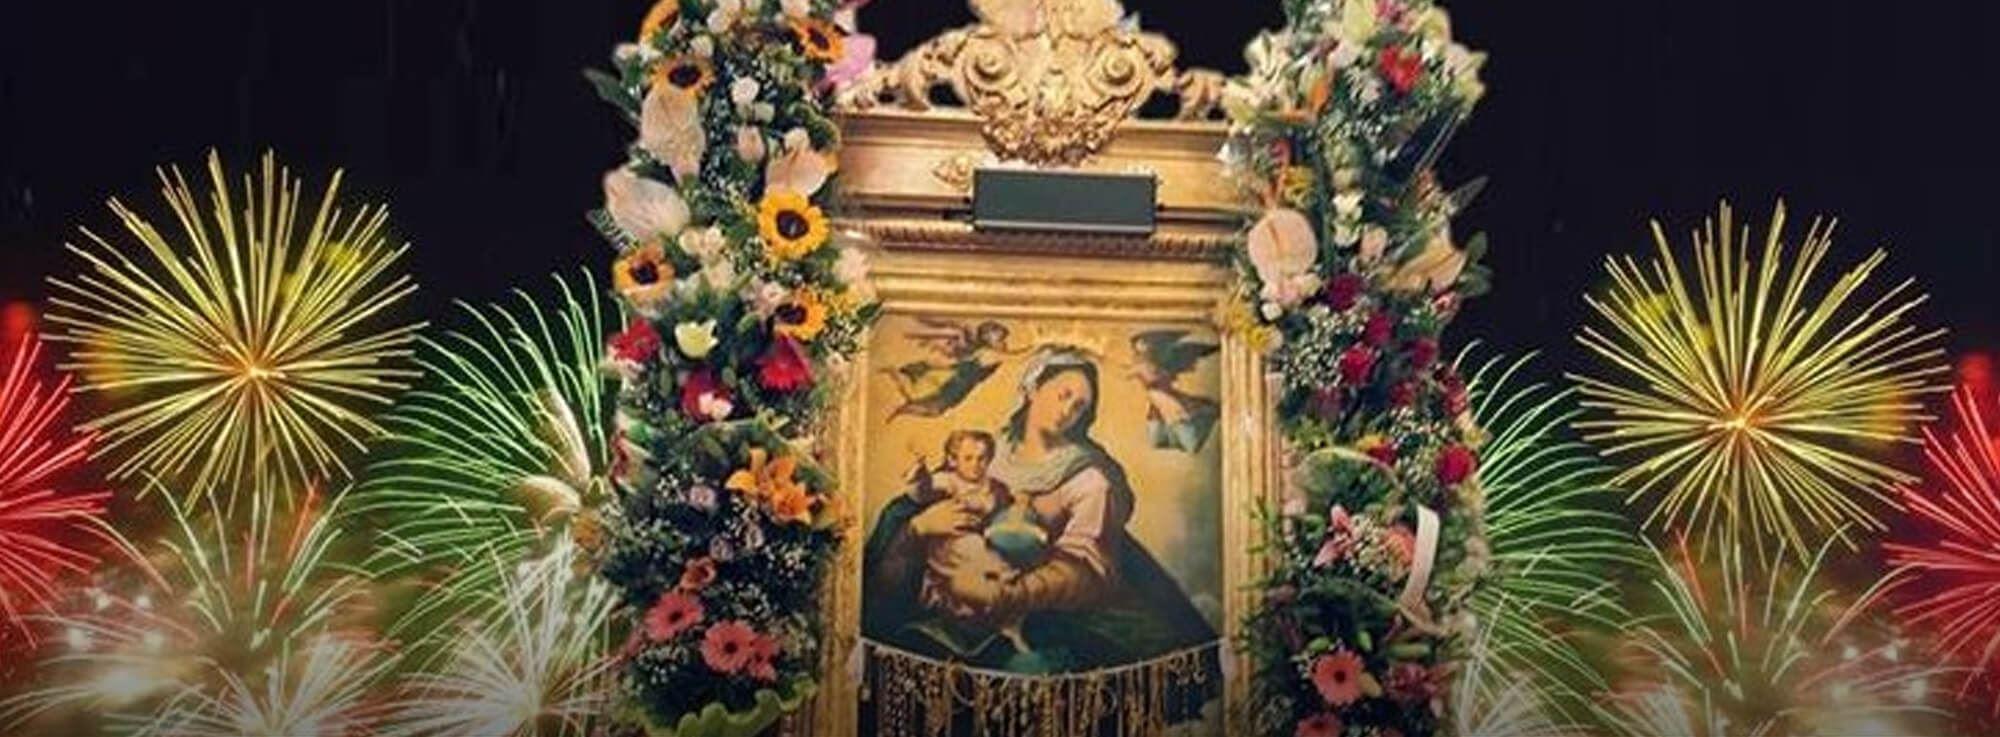 Mattinata: Festeggiamenti in onore della Madonna della Luce